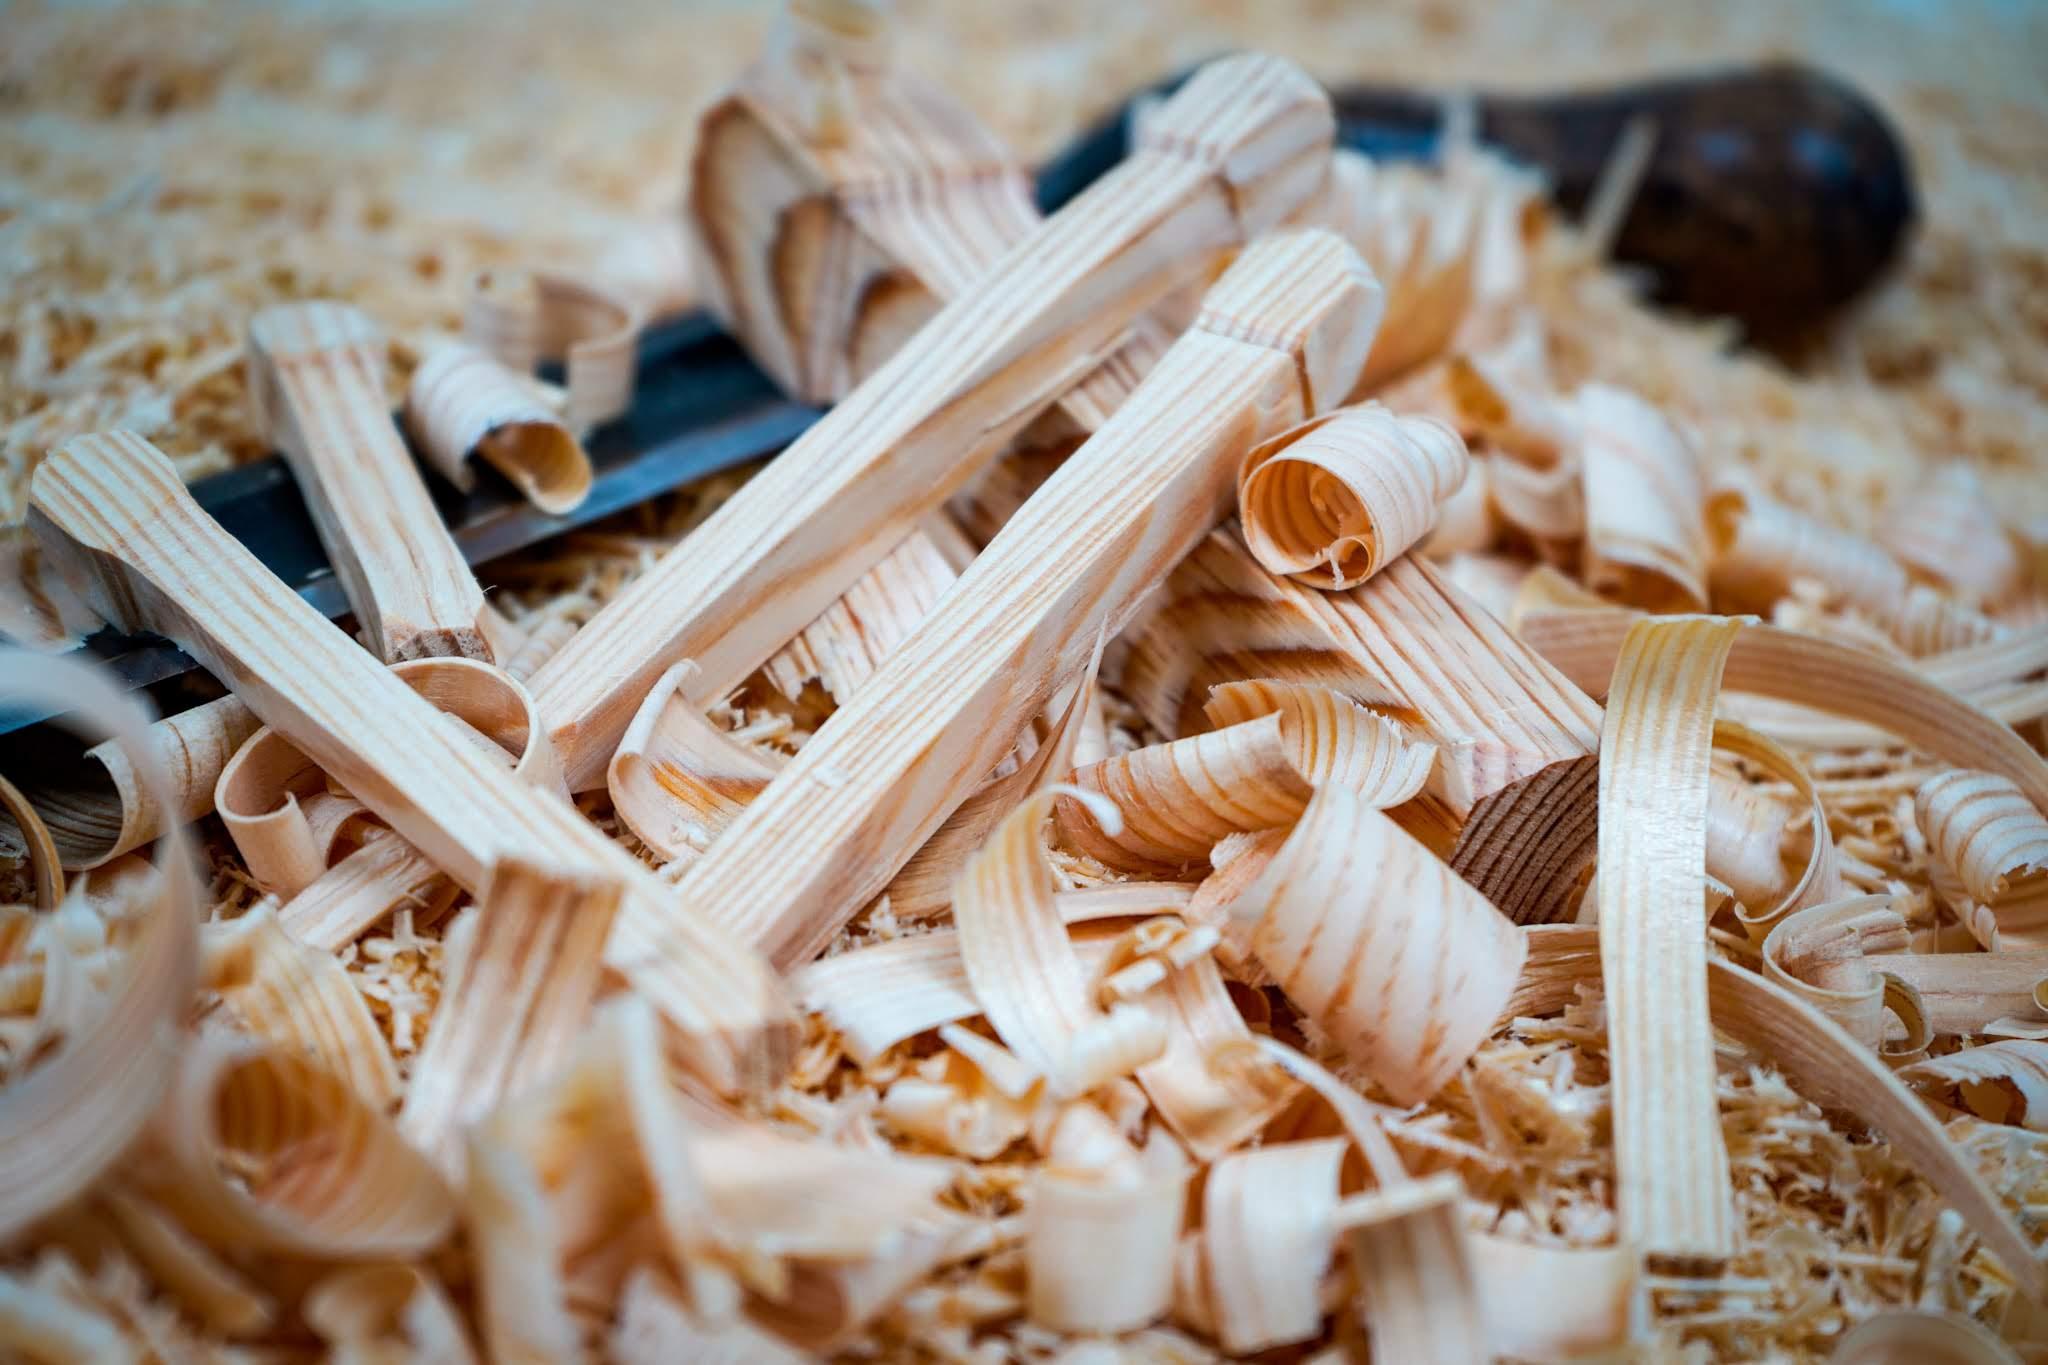 Ein Holznagel aus Lärche wird in echter Handarbeit hergestellt. Hierdurch wird das Untergestell stabilisiert.